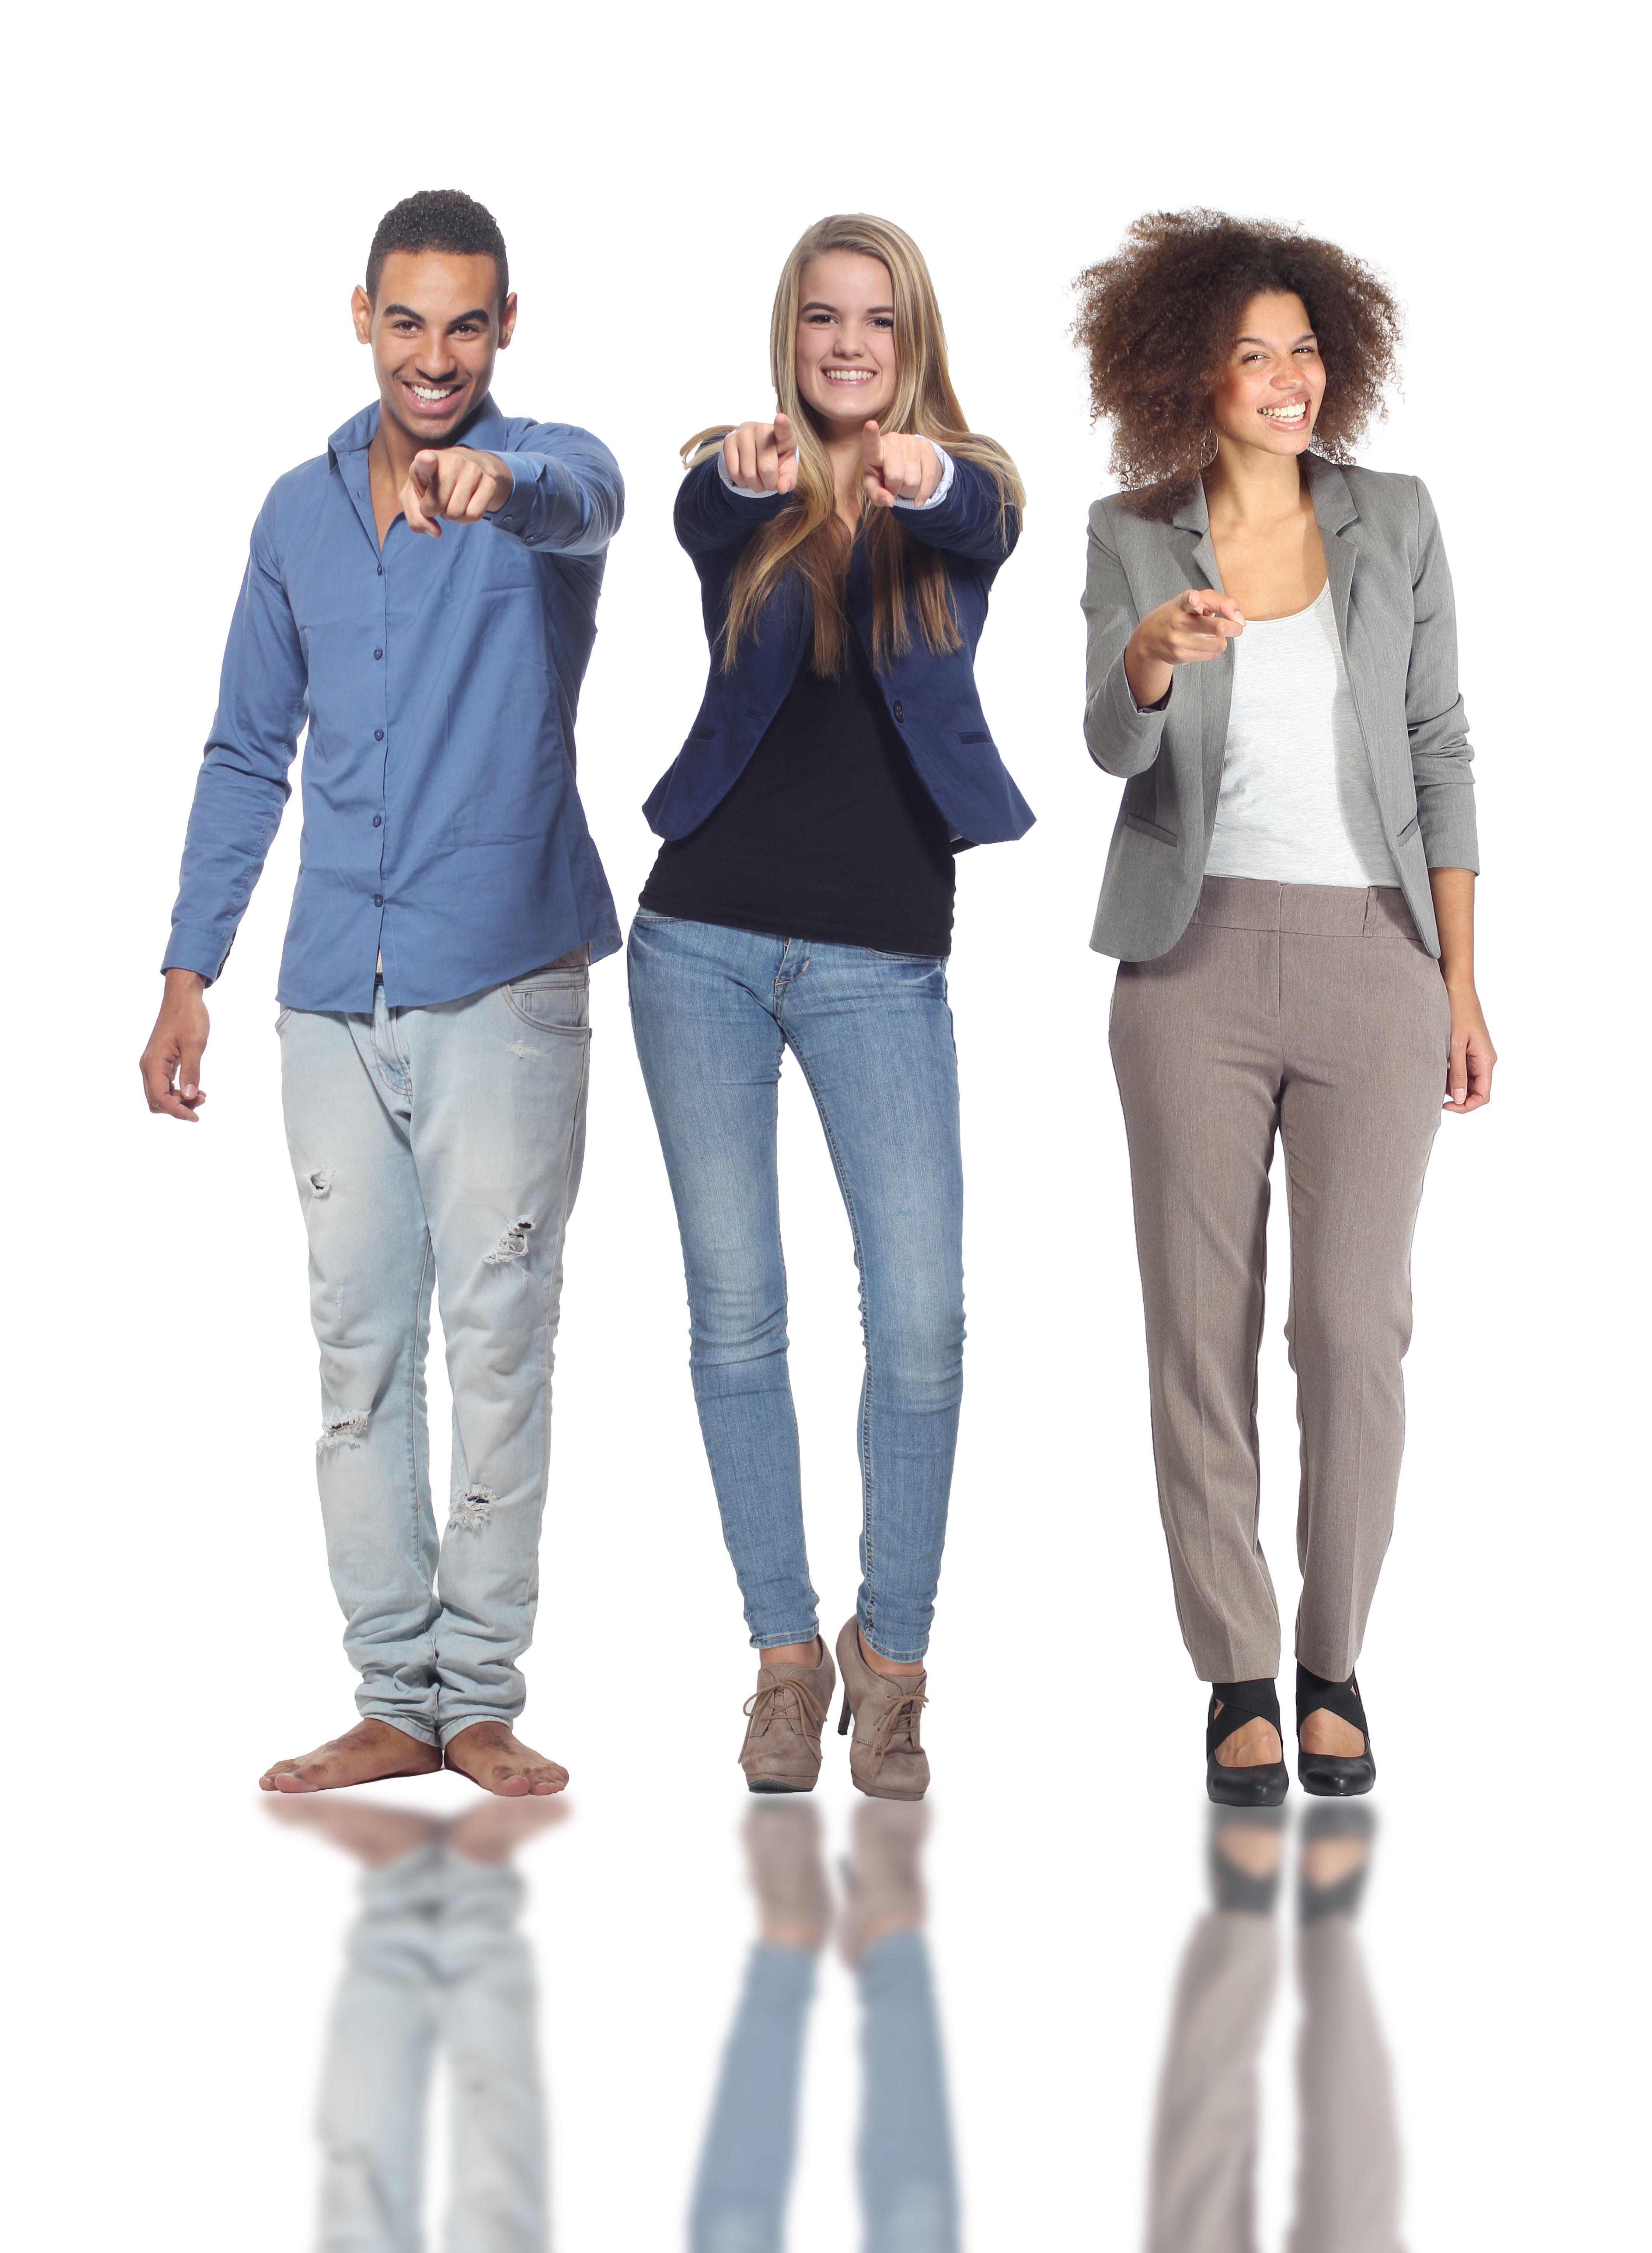 İş hayatında X ve Y kuşağının kişilik özellikleri aynı, yöntemleri farklı